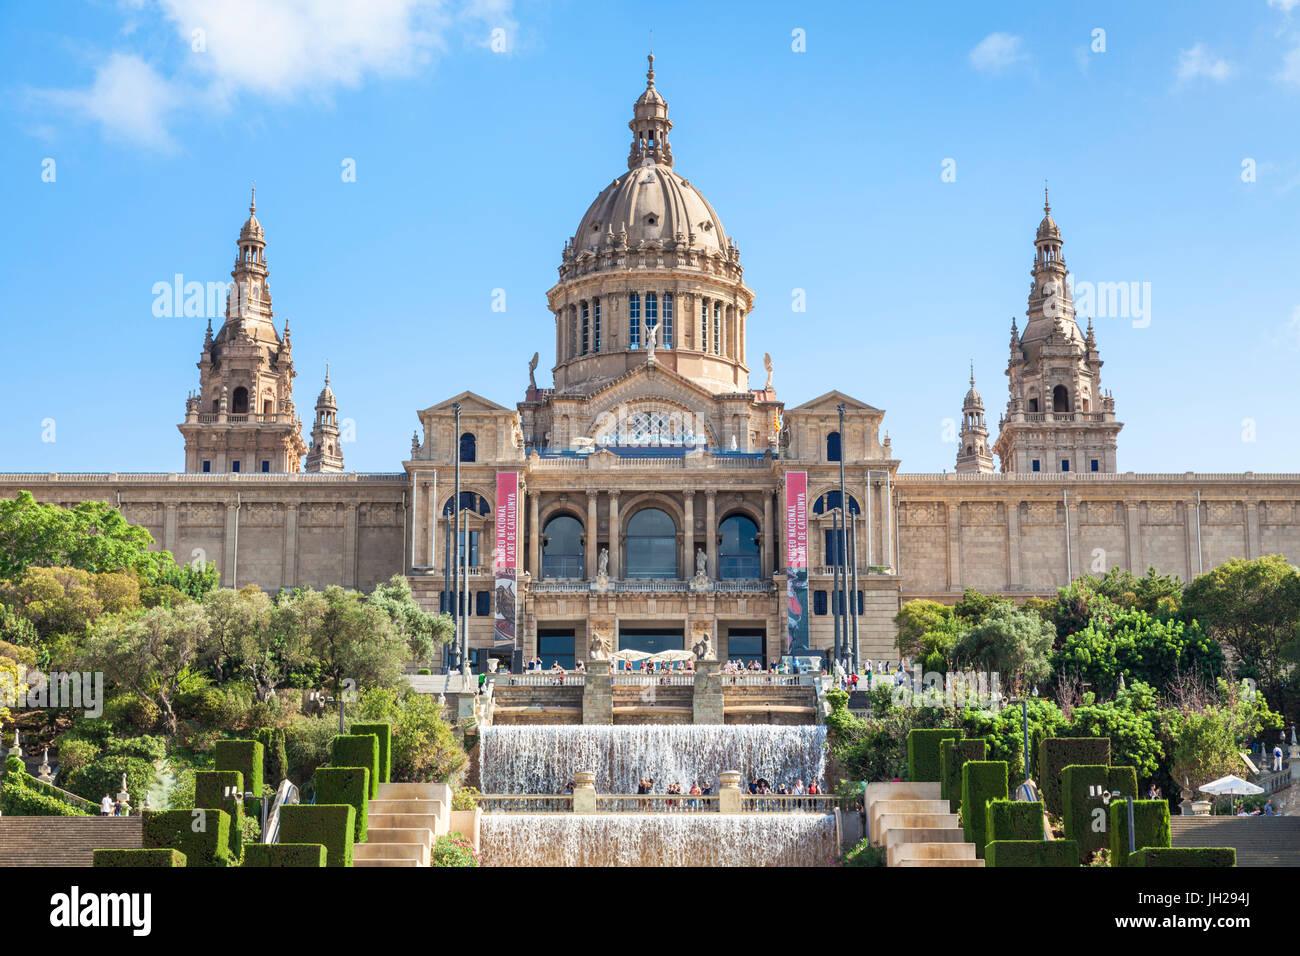 La Fontana Magica di Montjuic sotto il Palau Nacional, MNAC, Galleria d'Arte Nazionale, barcellona catalogna (Catalunya), Spagna Foto Stock